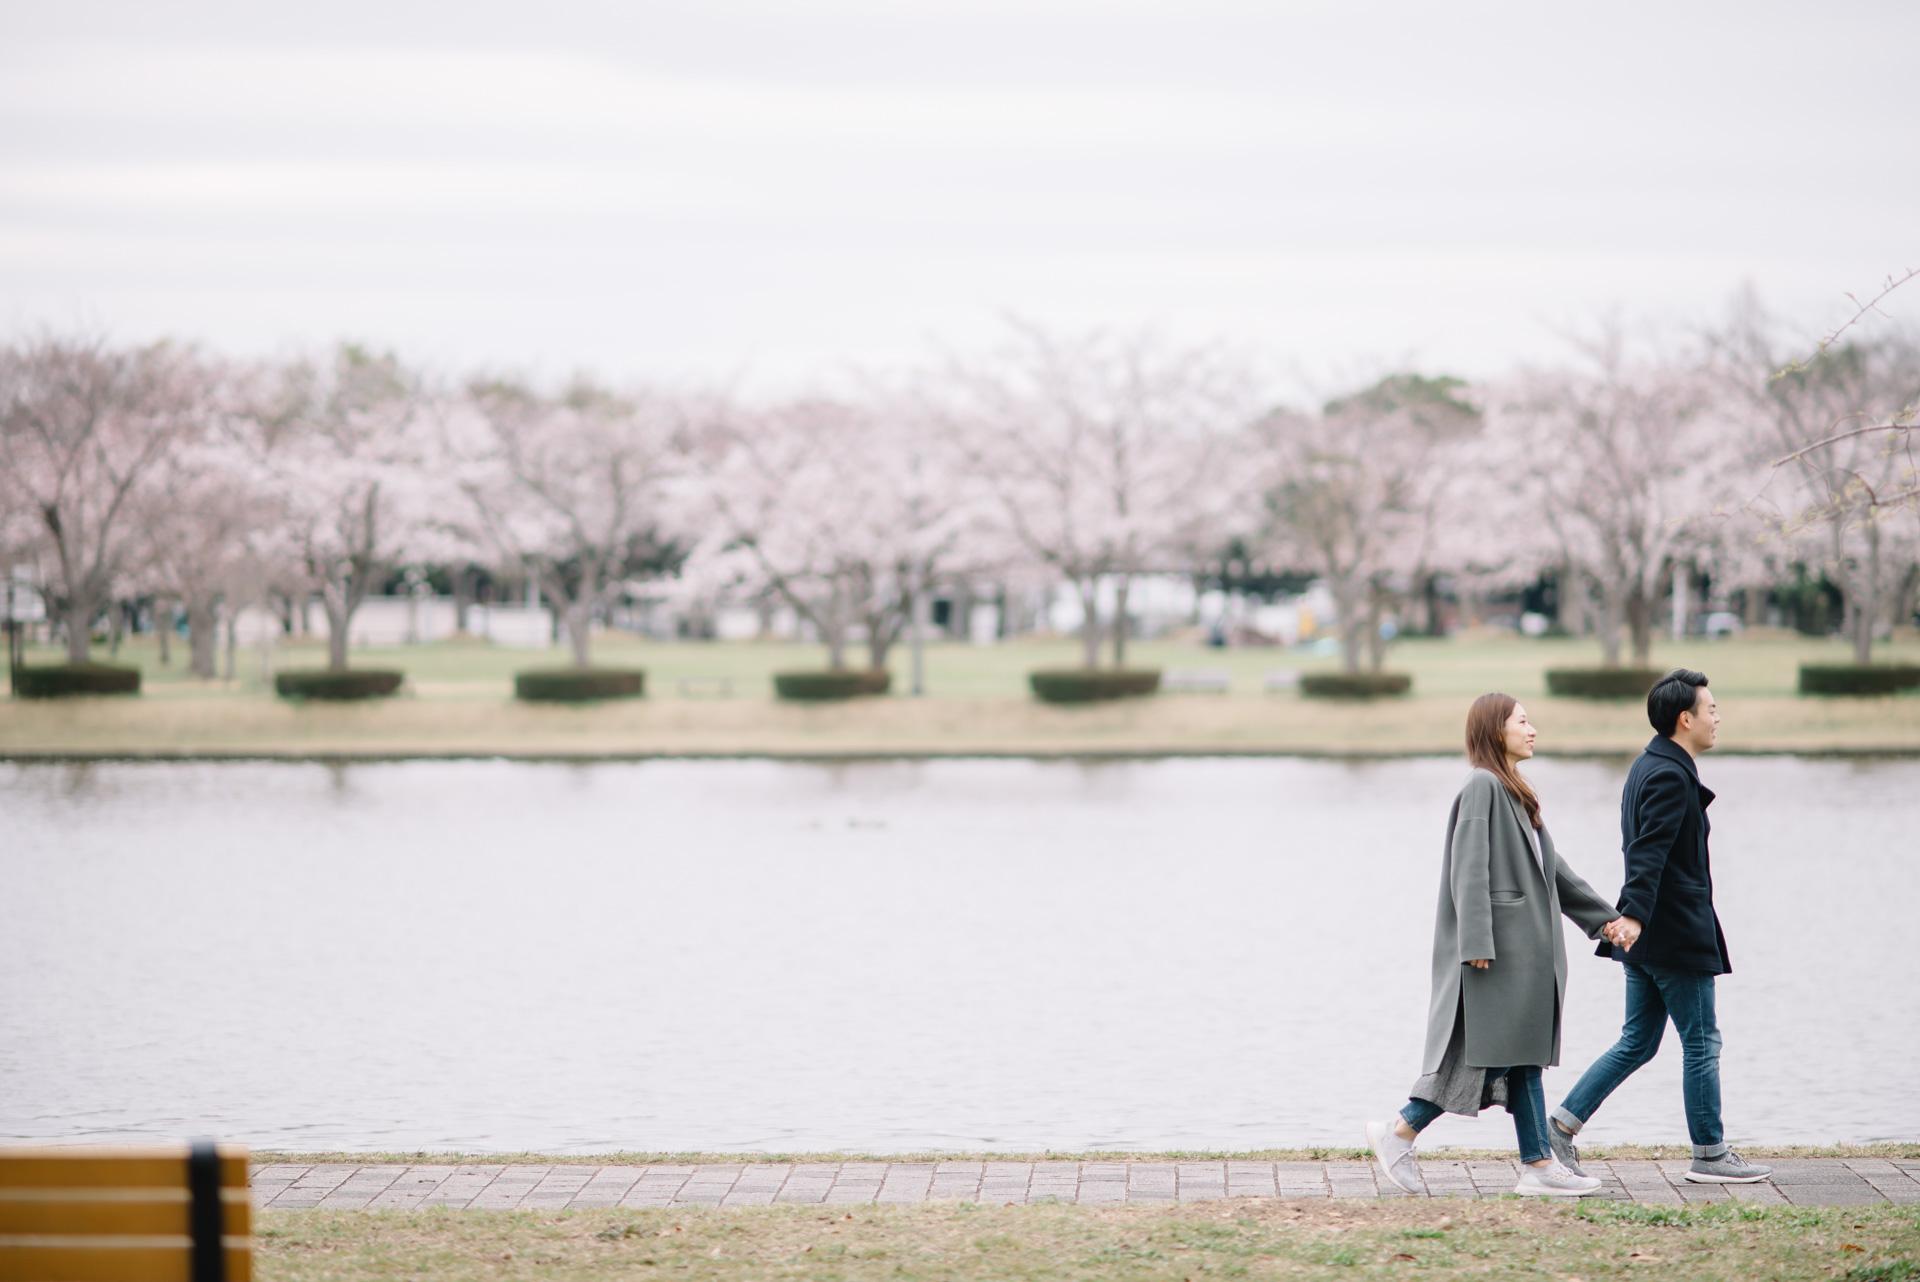 東京の前撮りおすすめロケーション10選【2020年版】Fika and Fotos